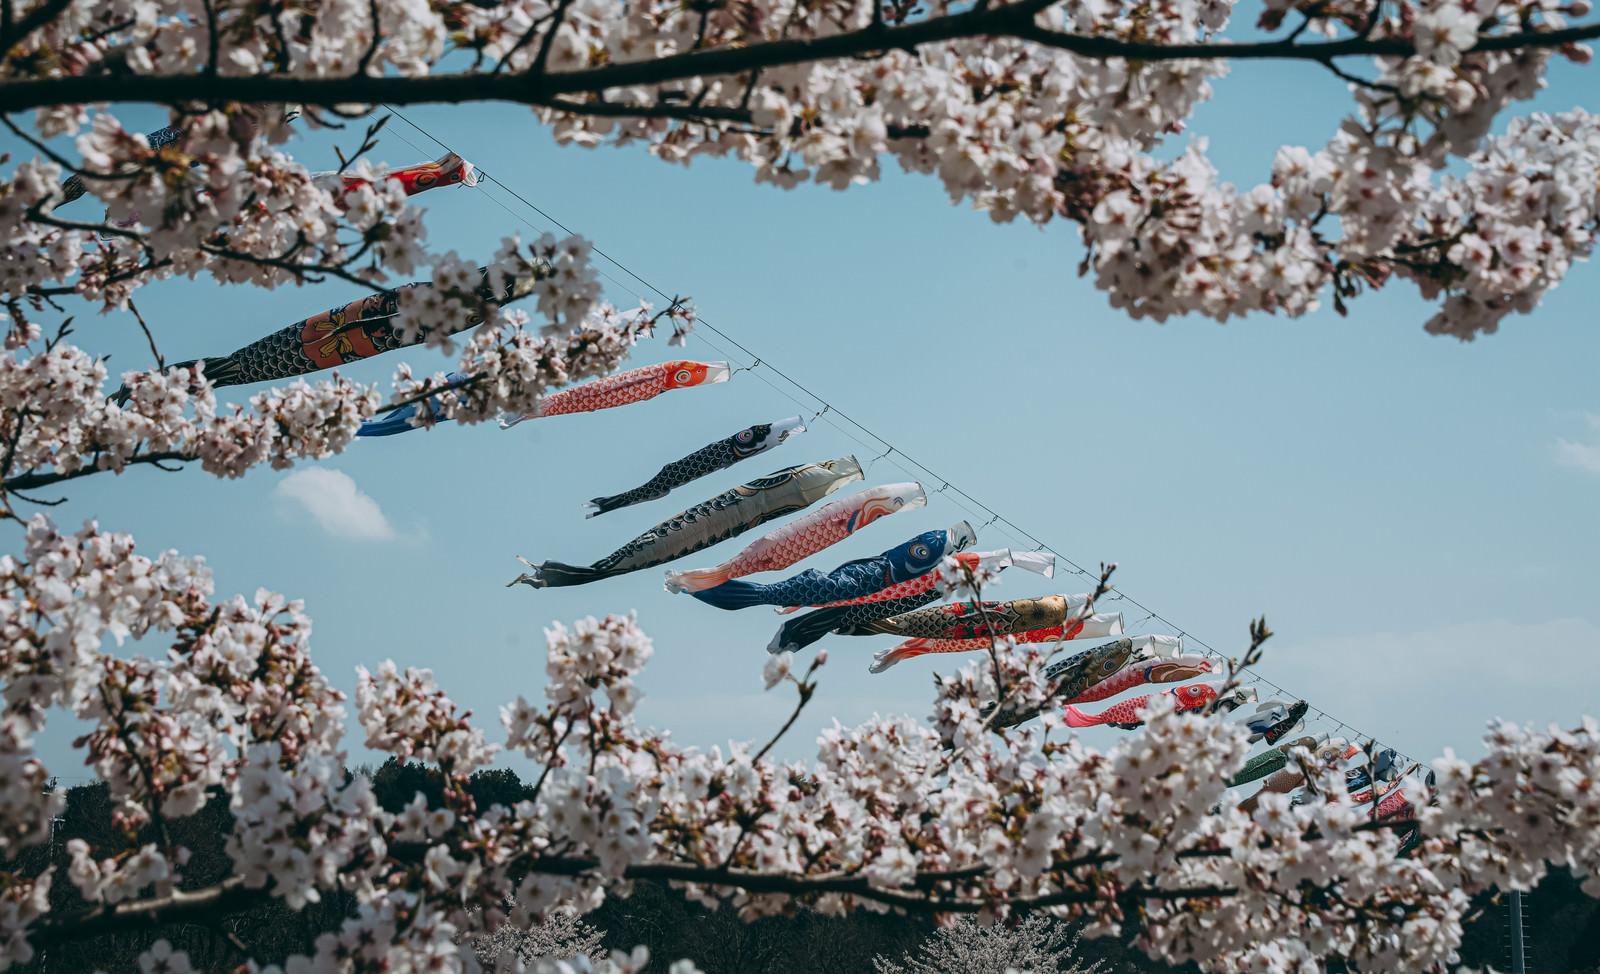 「青空の下気持ちよく泳ぐ鯉のぼりを桜とともに」の写真